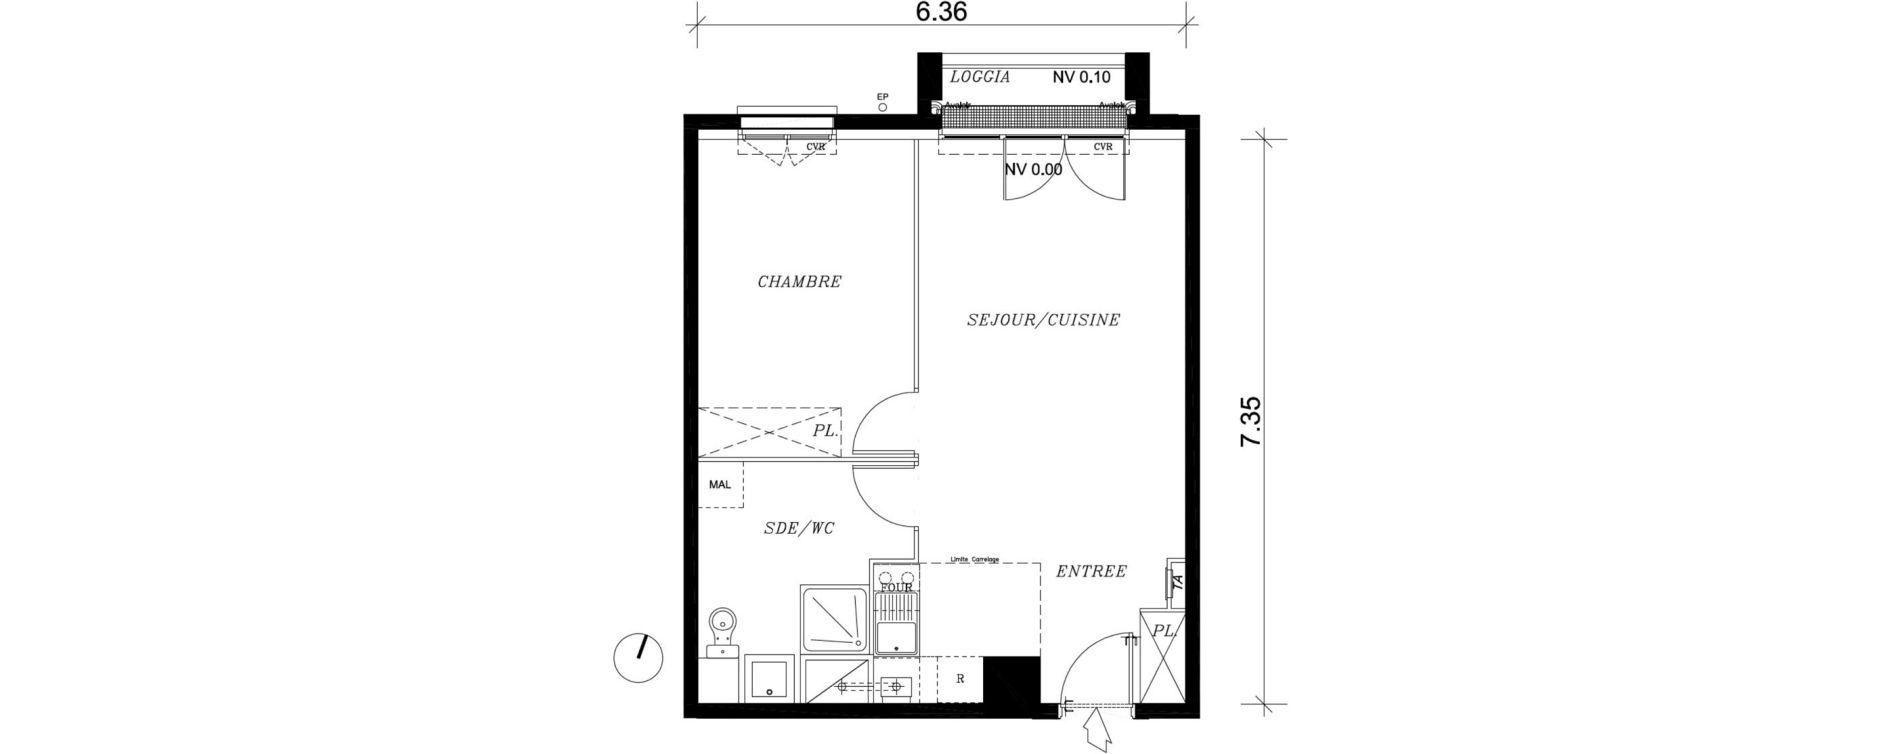 Appartement T2 de 44,97 m2 à Nancy Marcel brot